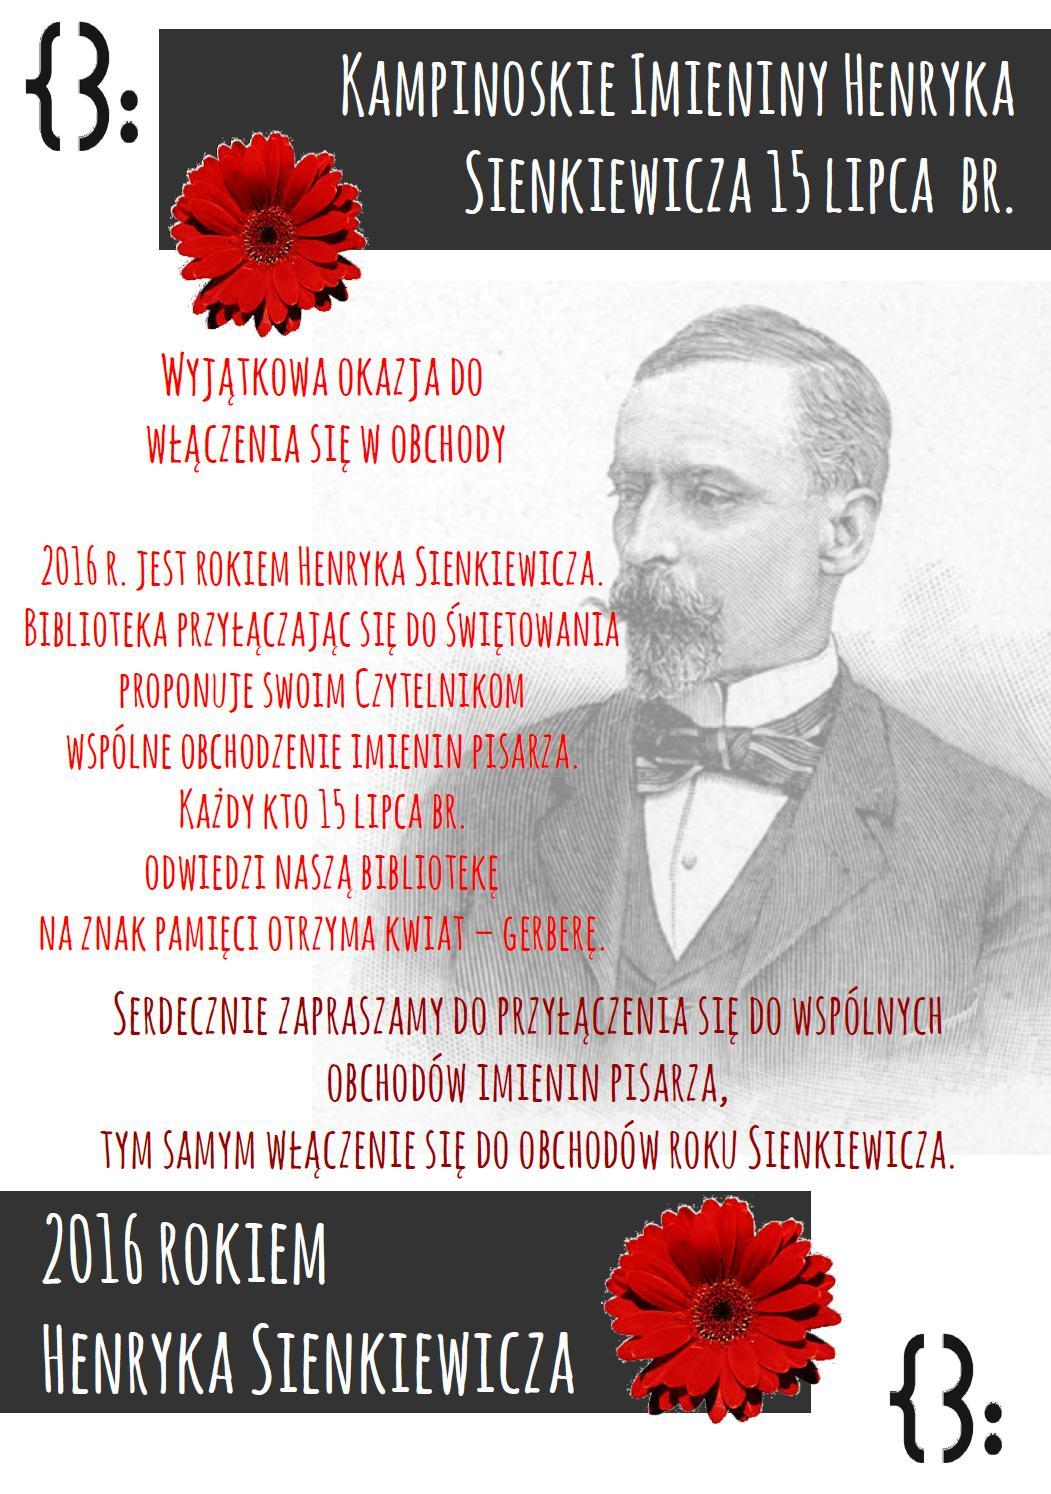 Imieniny_Sienkiewicza